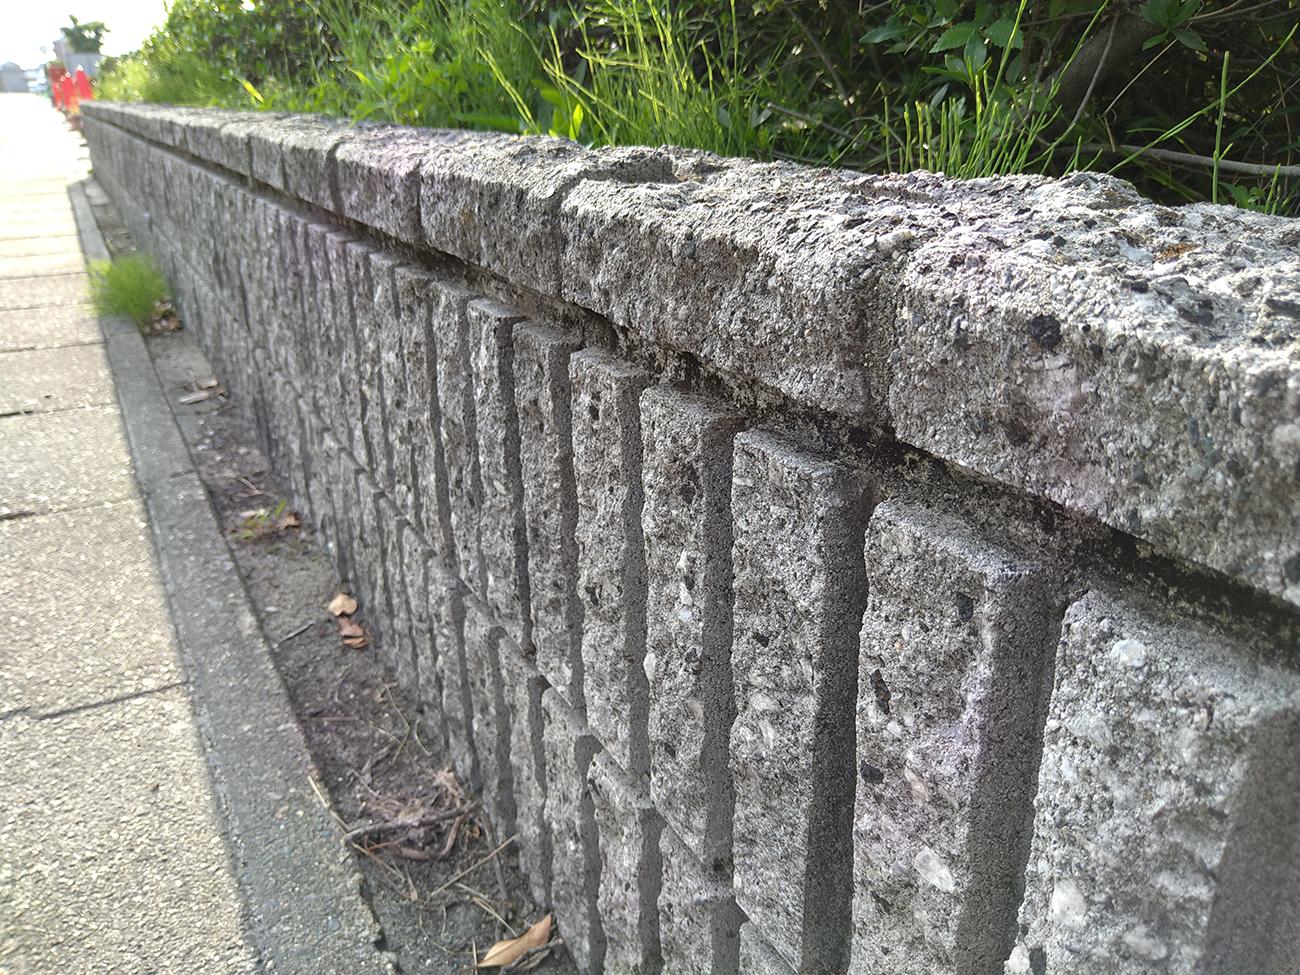 Xperia 10 IIで撮影した石